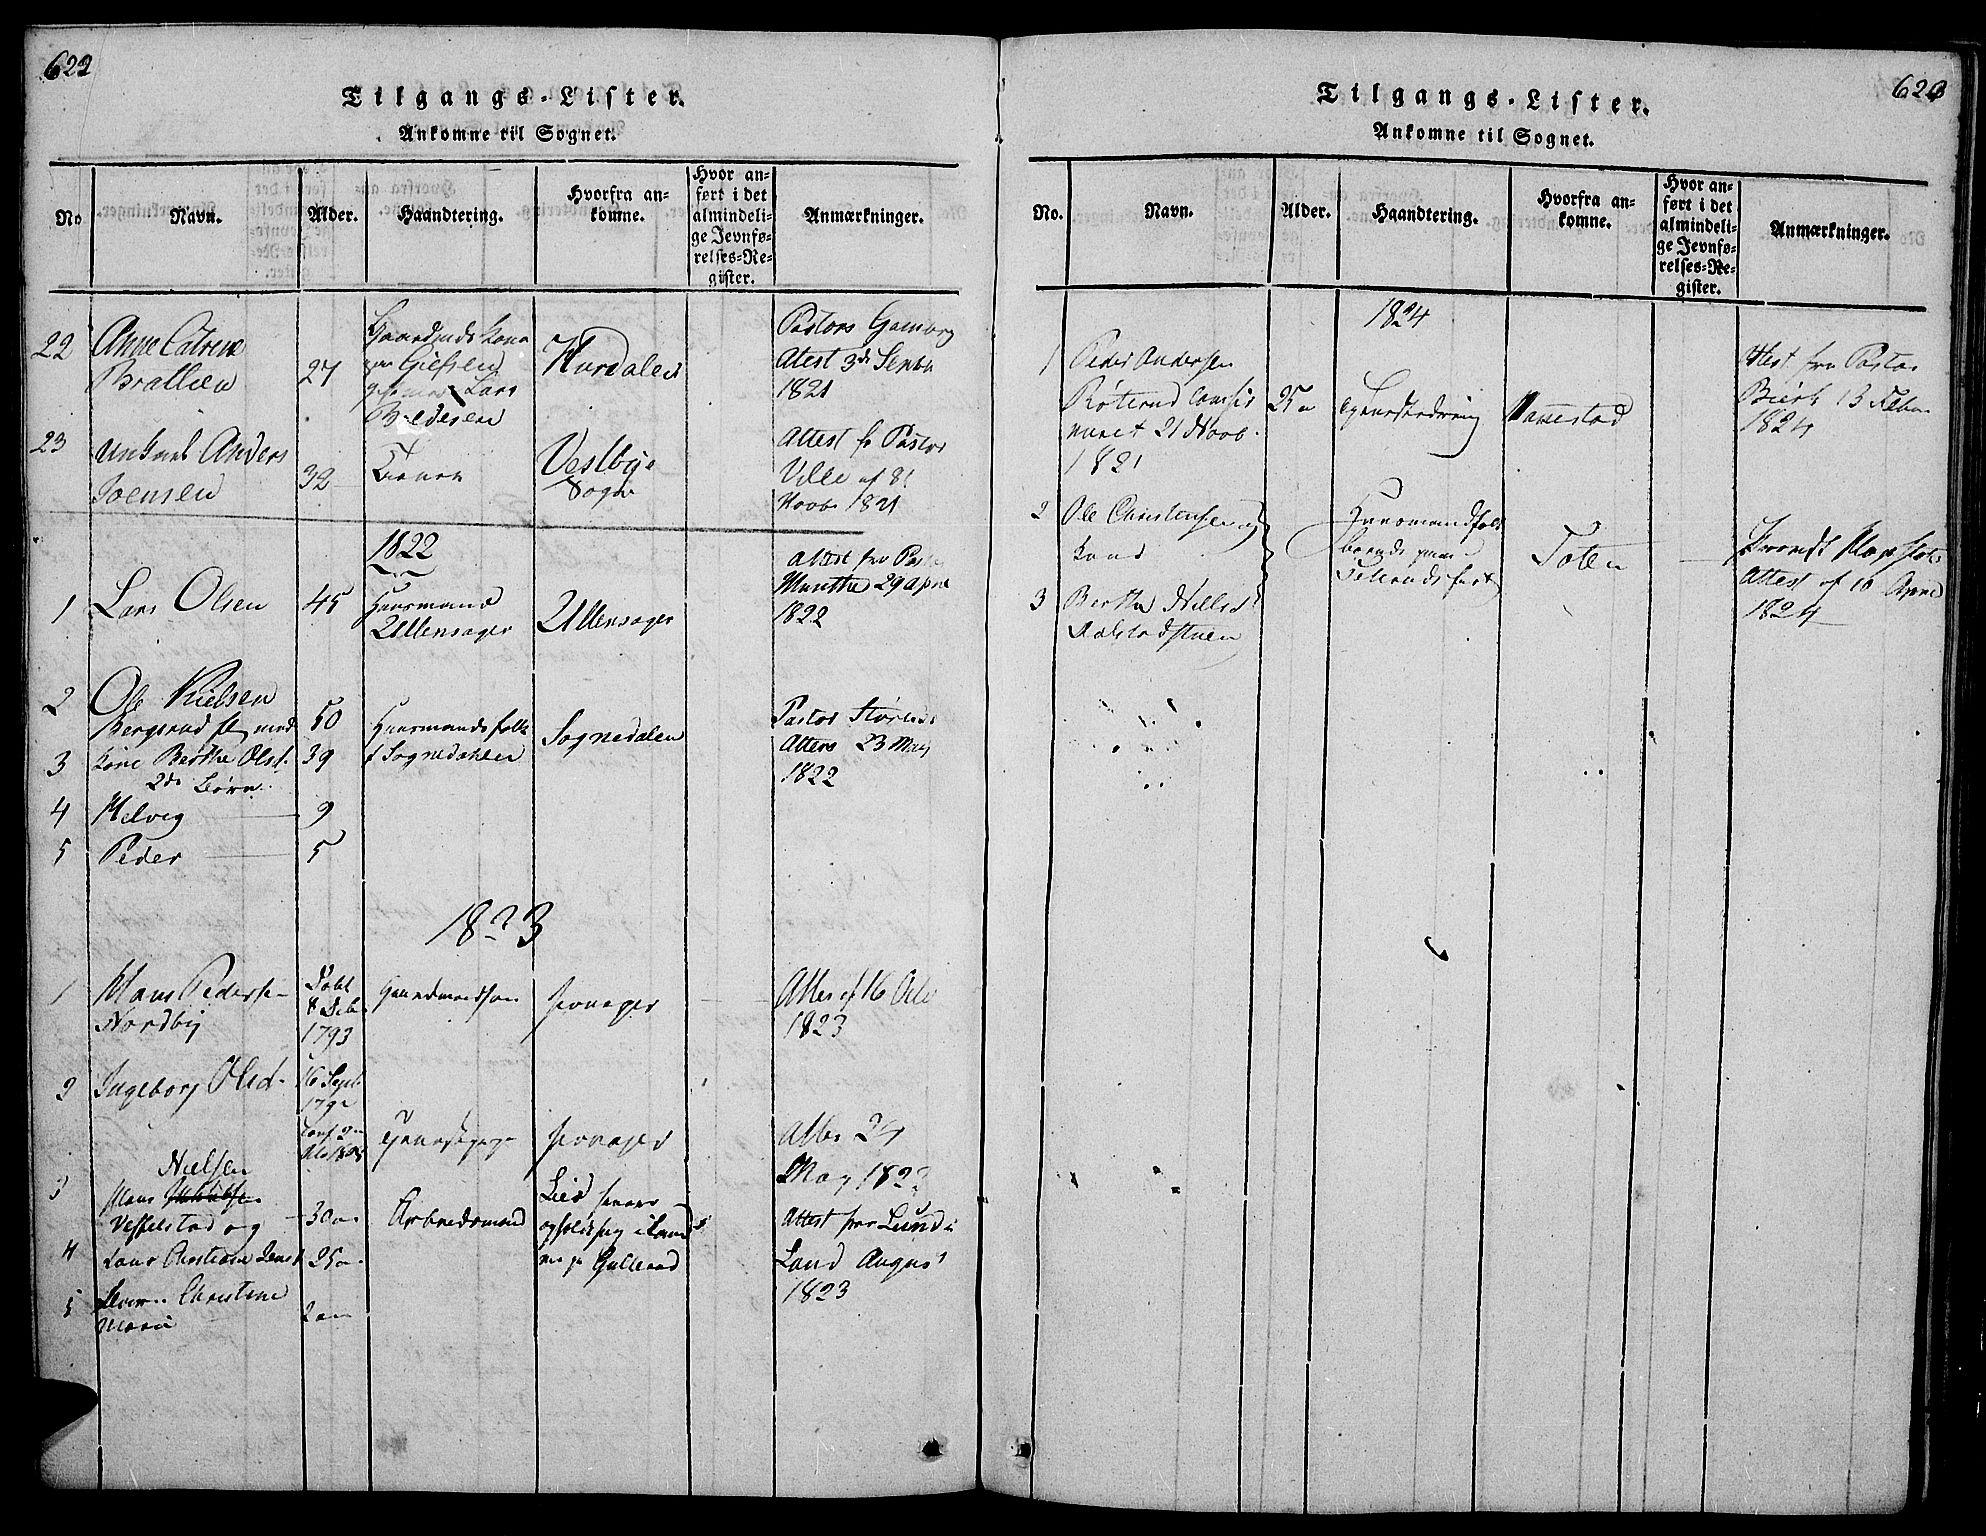 SAH, Gran prestekontor, Klokkerbok nr. 1, 1815-1824, s. 622-623